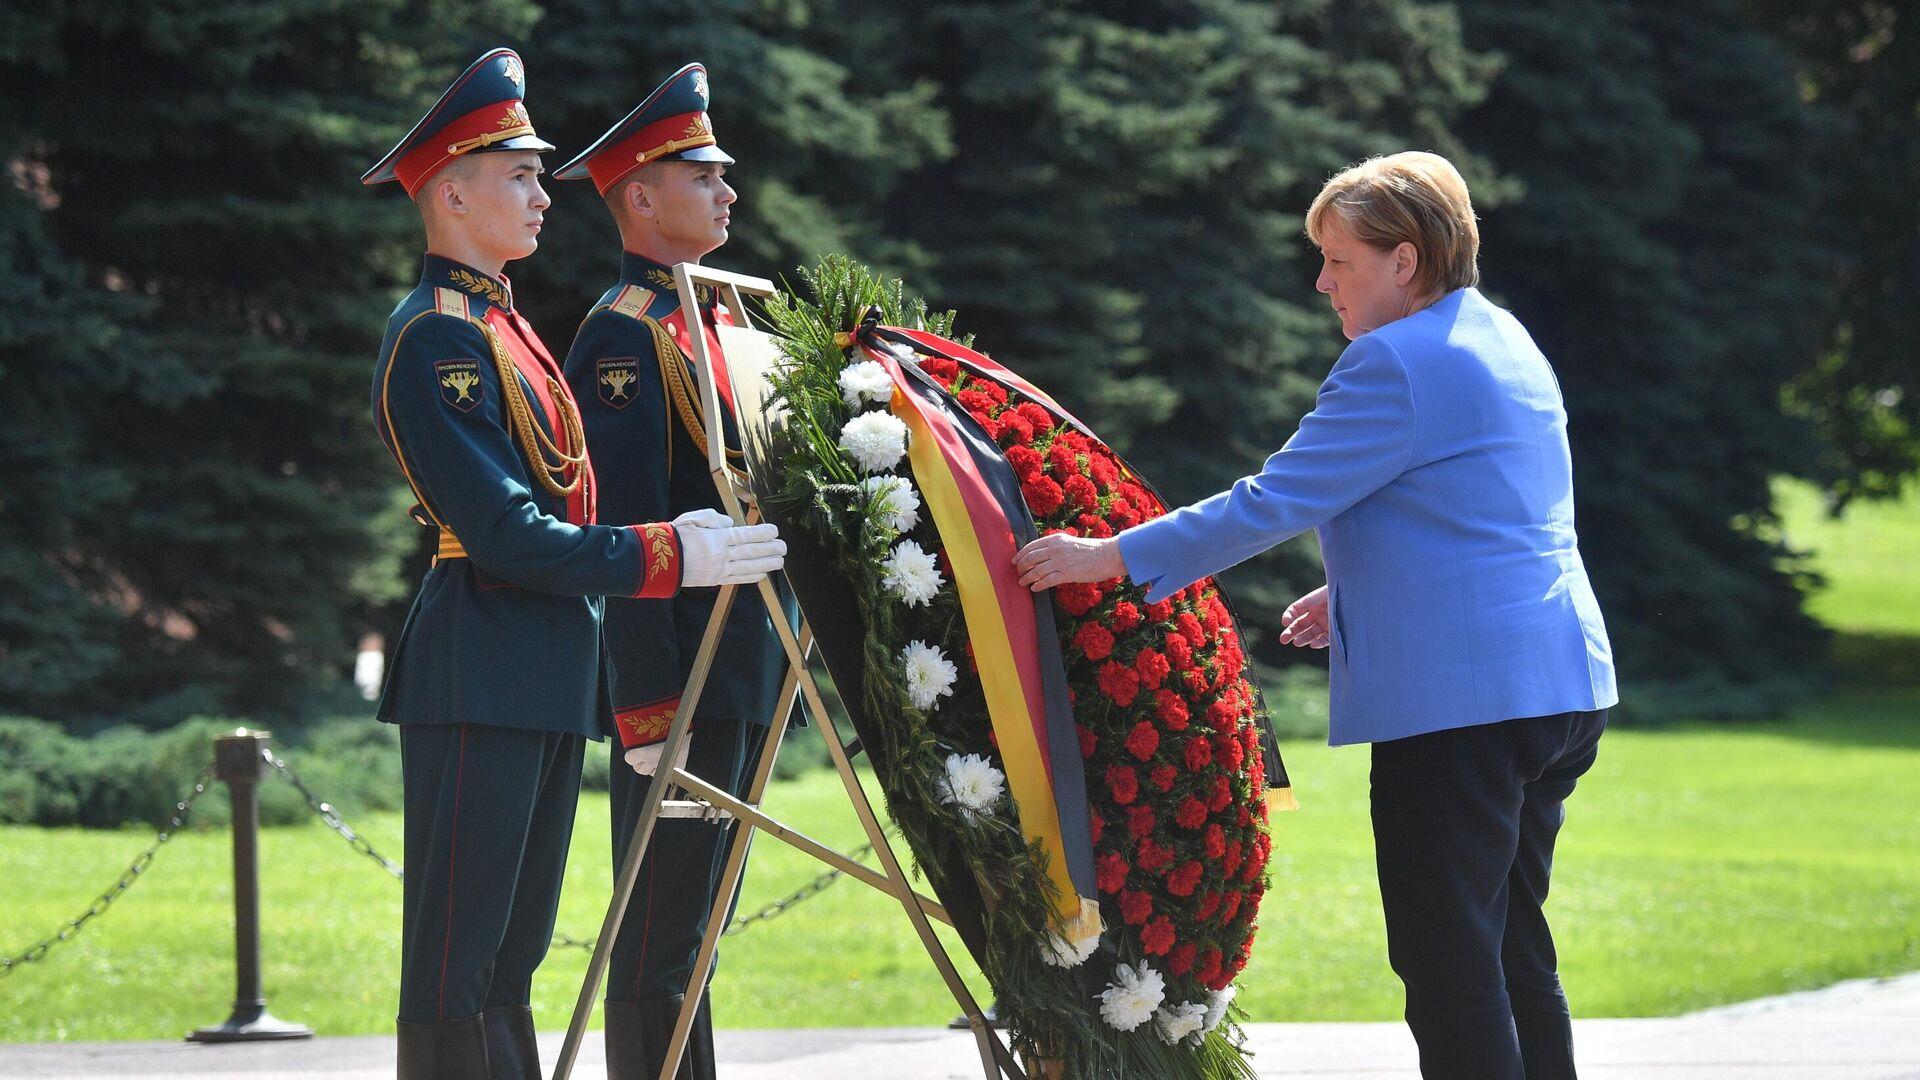 Angela Merkel, canciller alemana, coloca flores al pie de la Tumba del Soldado Desconocido - Sputnik Mundo, 1920, 20.08.2021